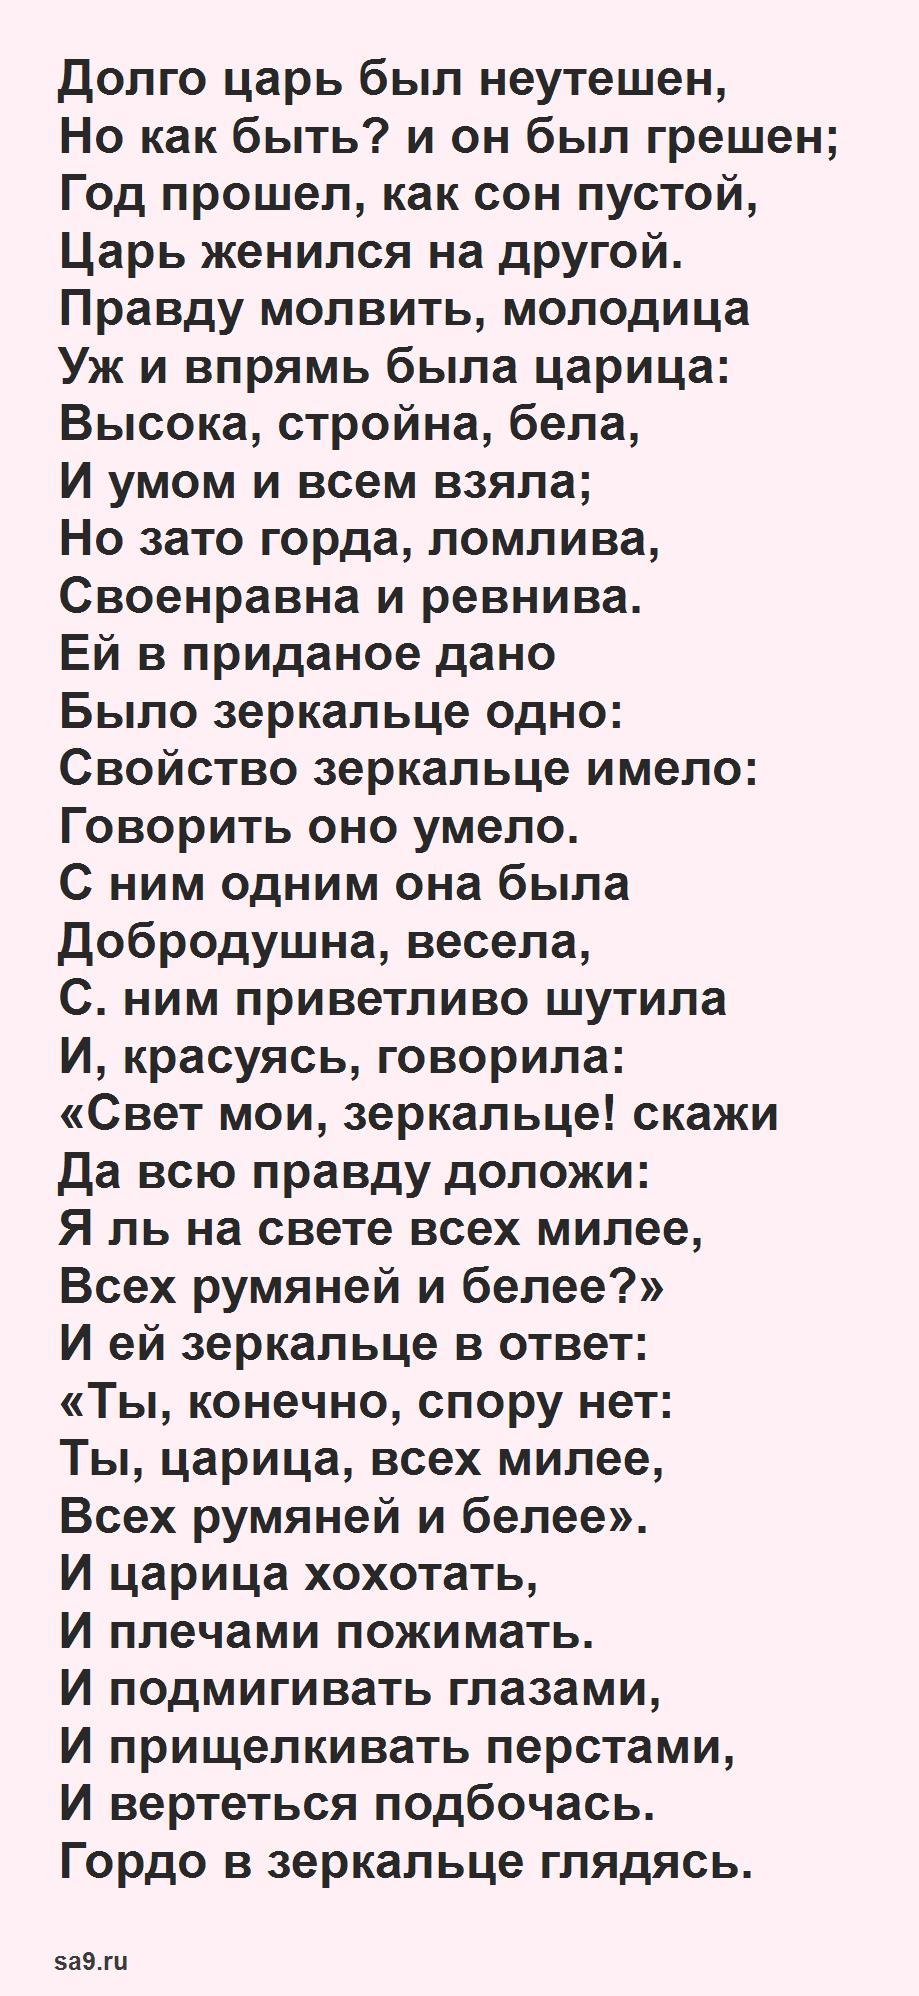 Сказка 'О мертвой царевне и семи богатырях'